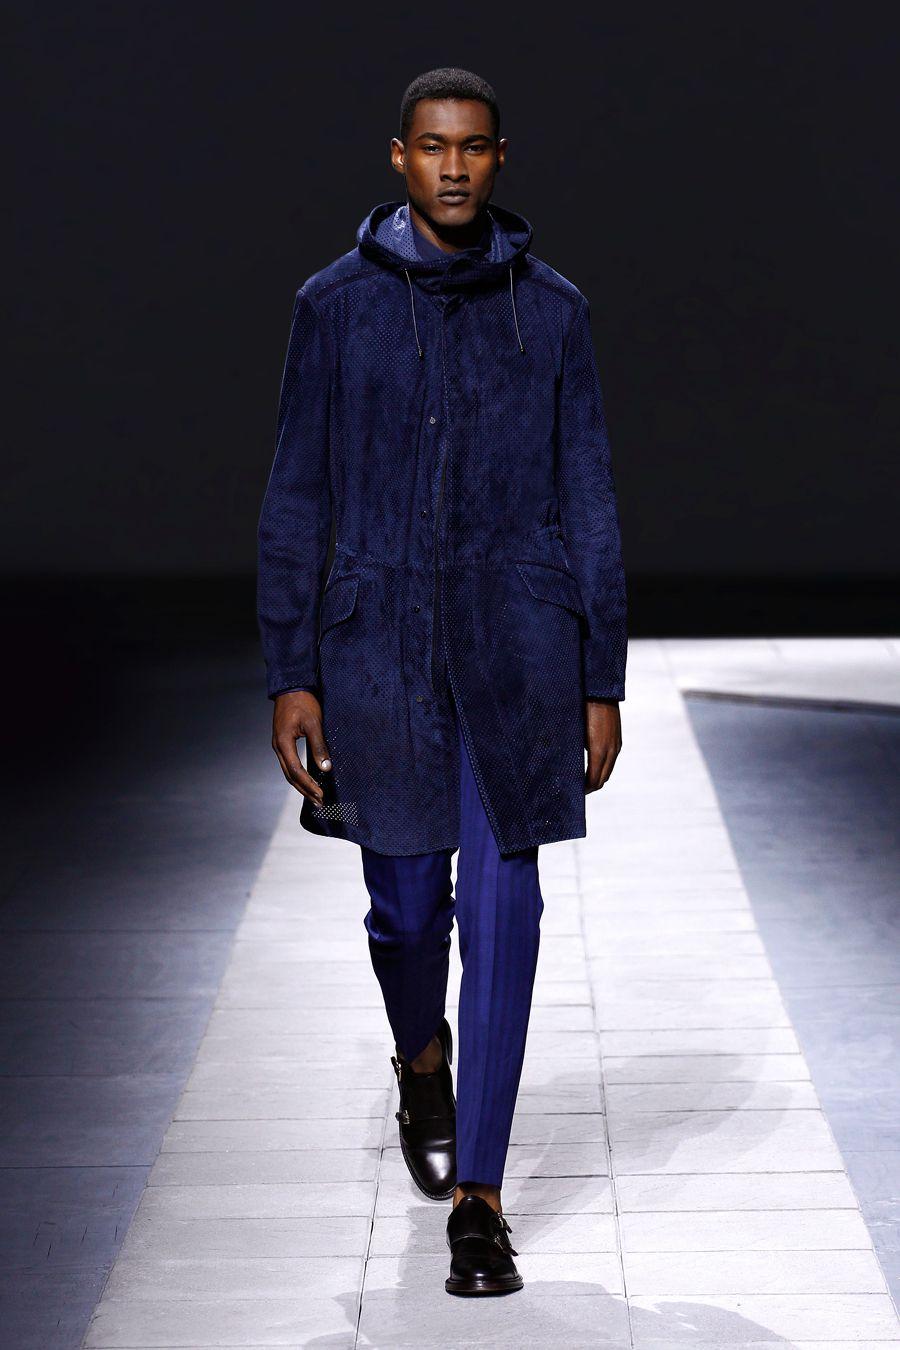 LOOKSS16_38 - Boutique en ligne officielle Brioni : prêt-à-porter couture, services sur mesure et vêtements de sport pour hommes.